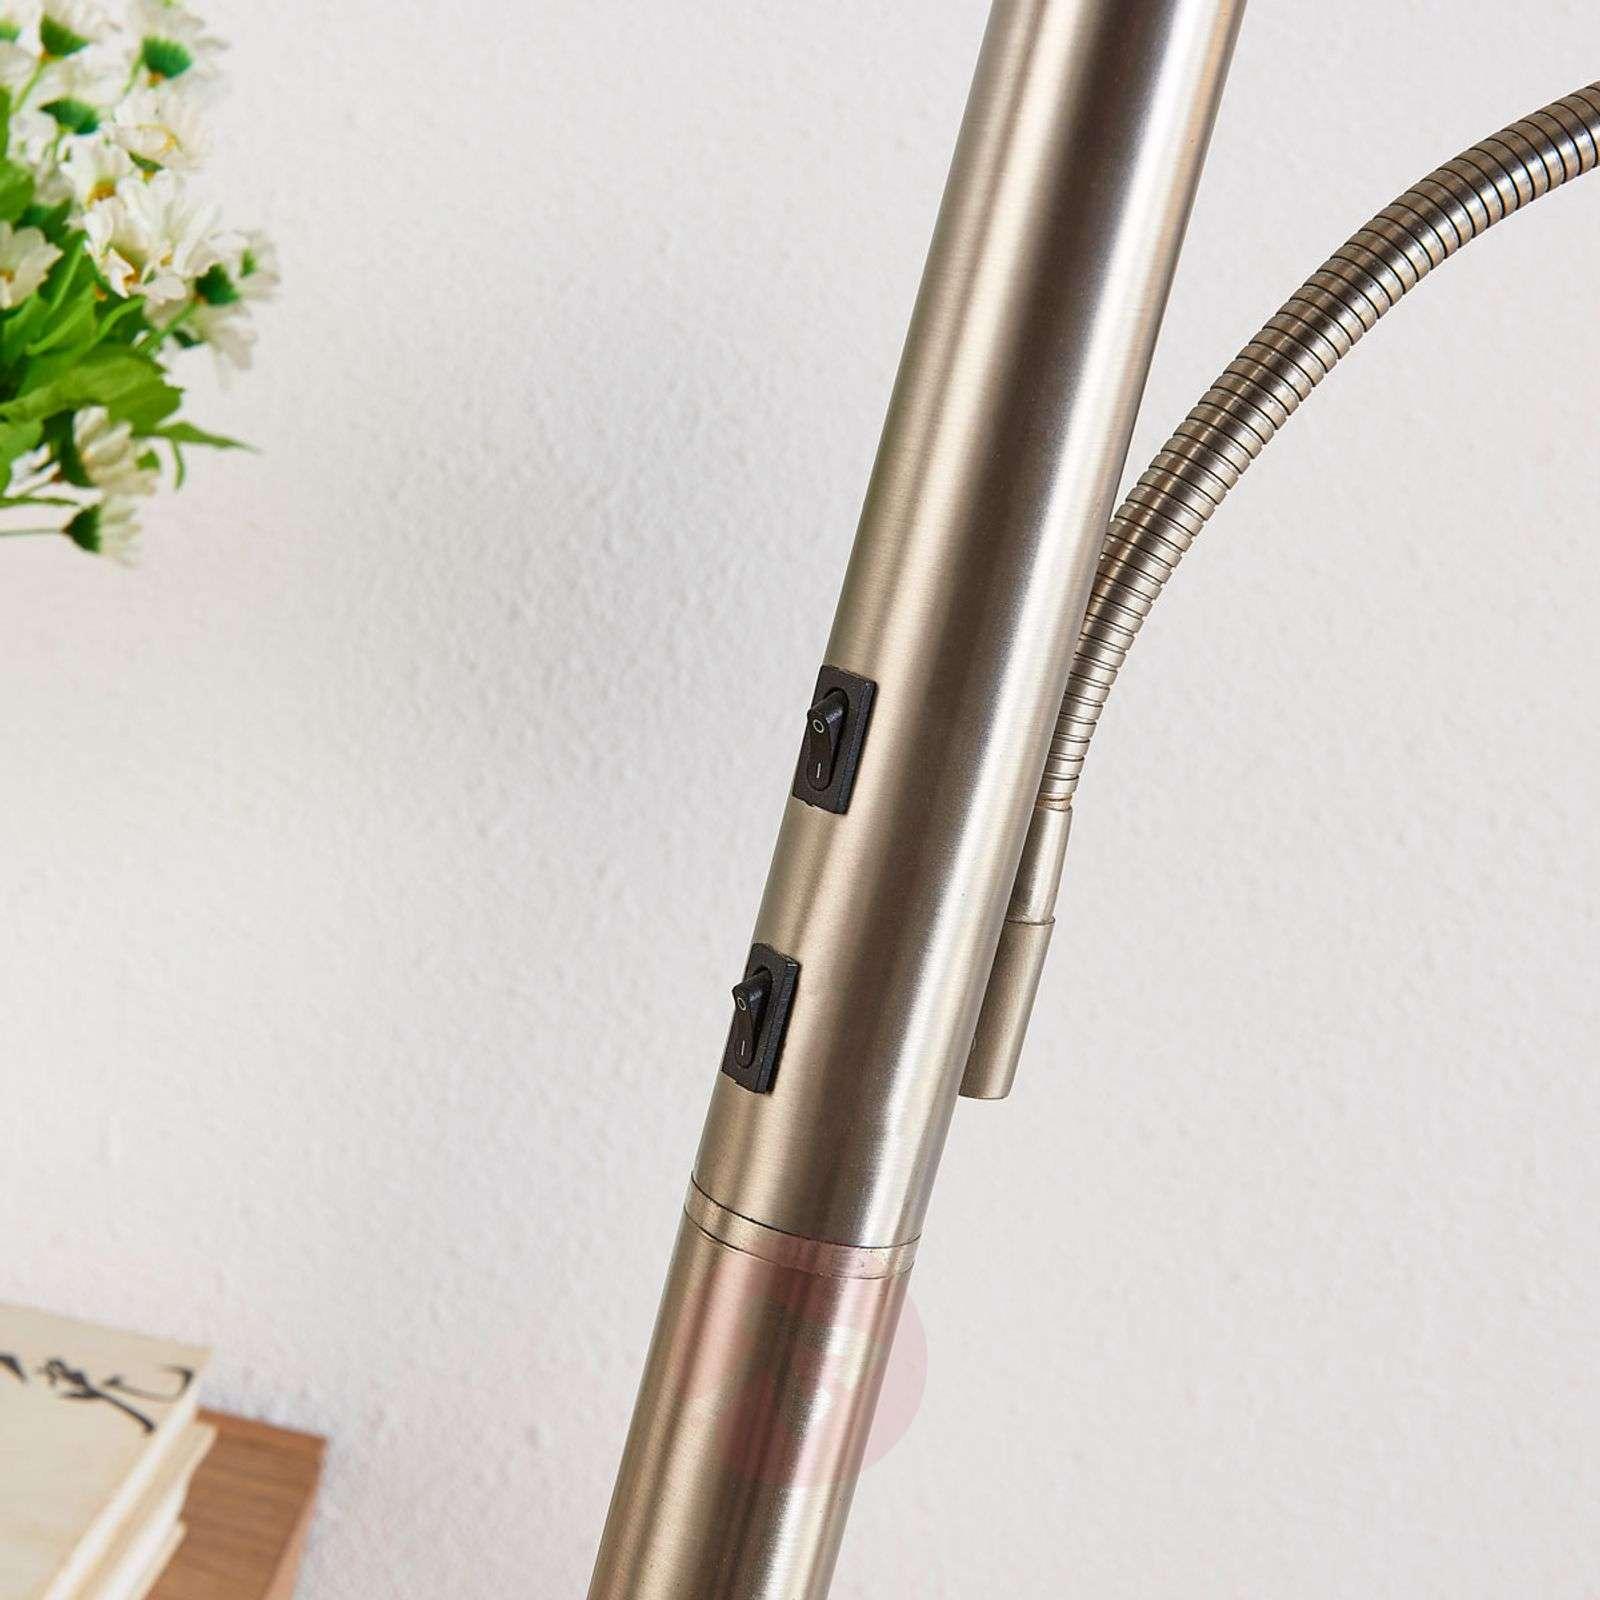 Nikkelinvärinen LED-lattiavalaisin Dunja, lukuvalo-9621223-02